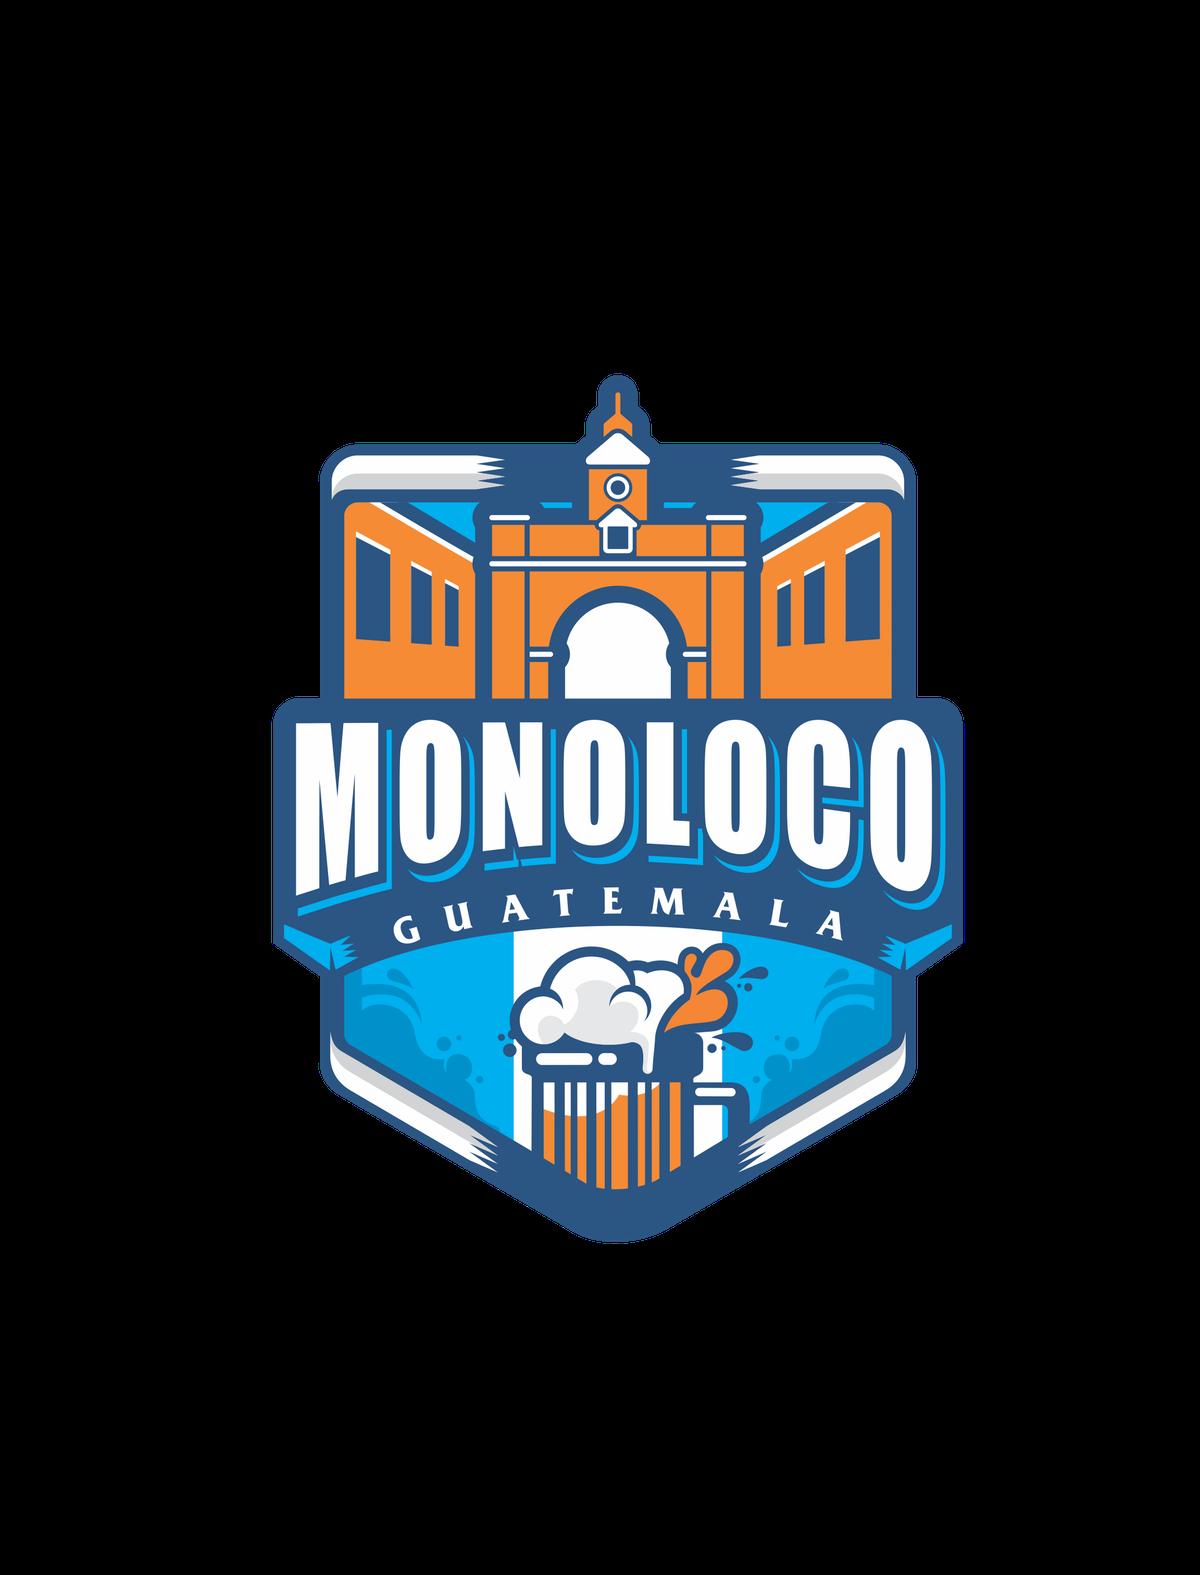 Qyu and Monoloco